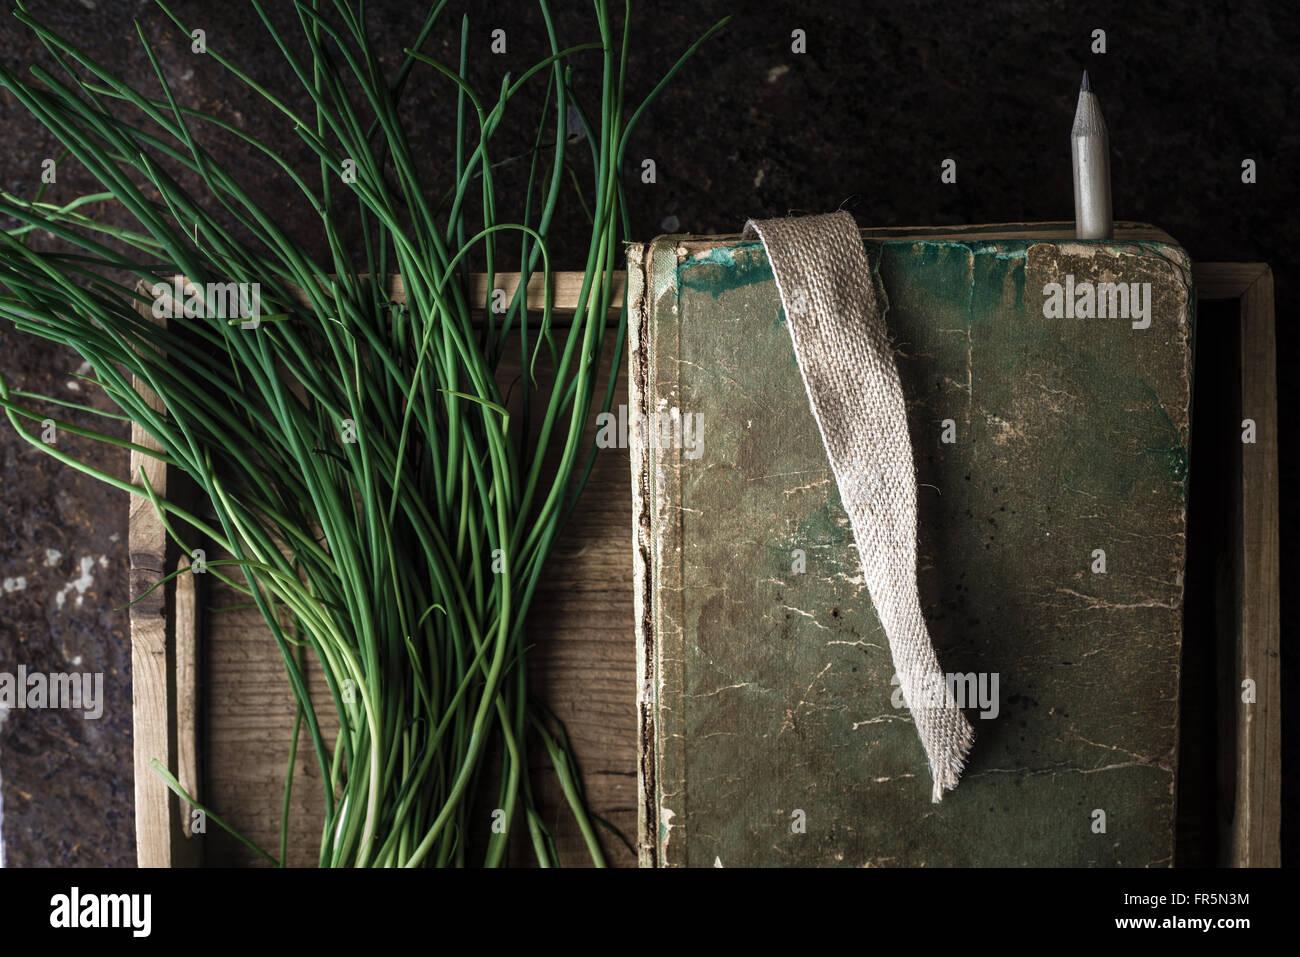 Grüne Zwiebel Stiele und das Buch in einer Holzkiste, die horizontale Stockbild